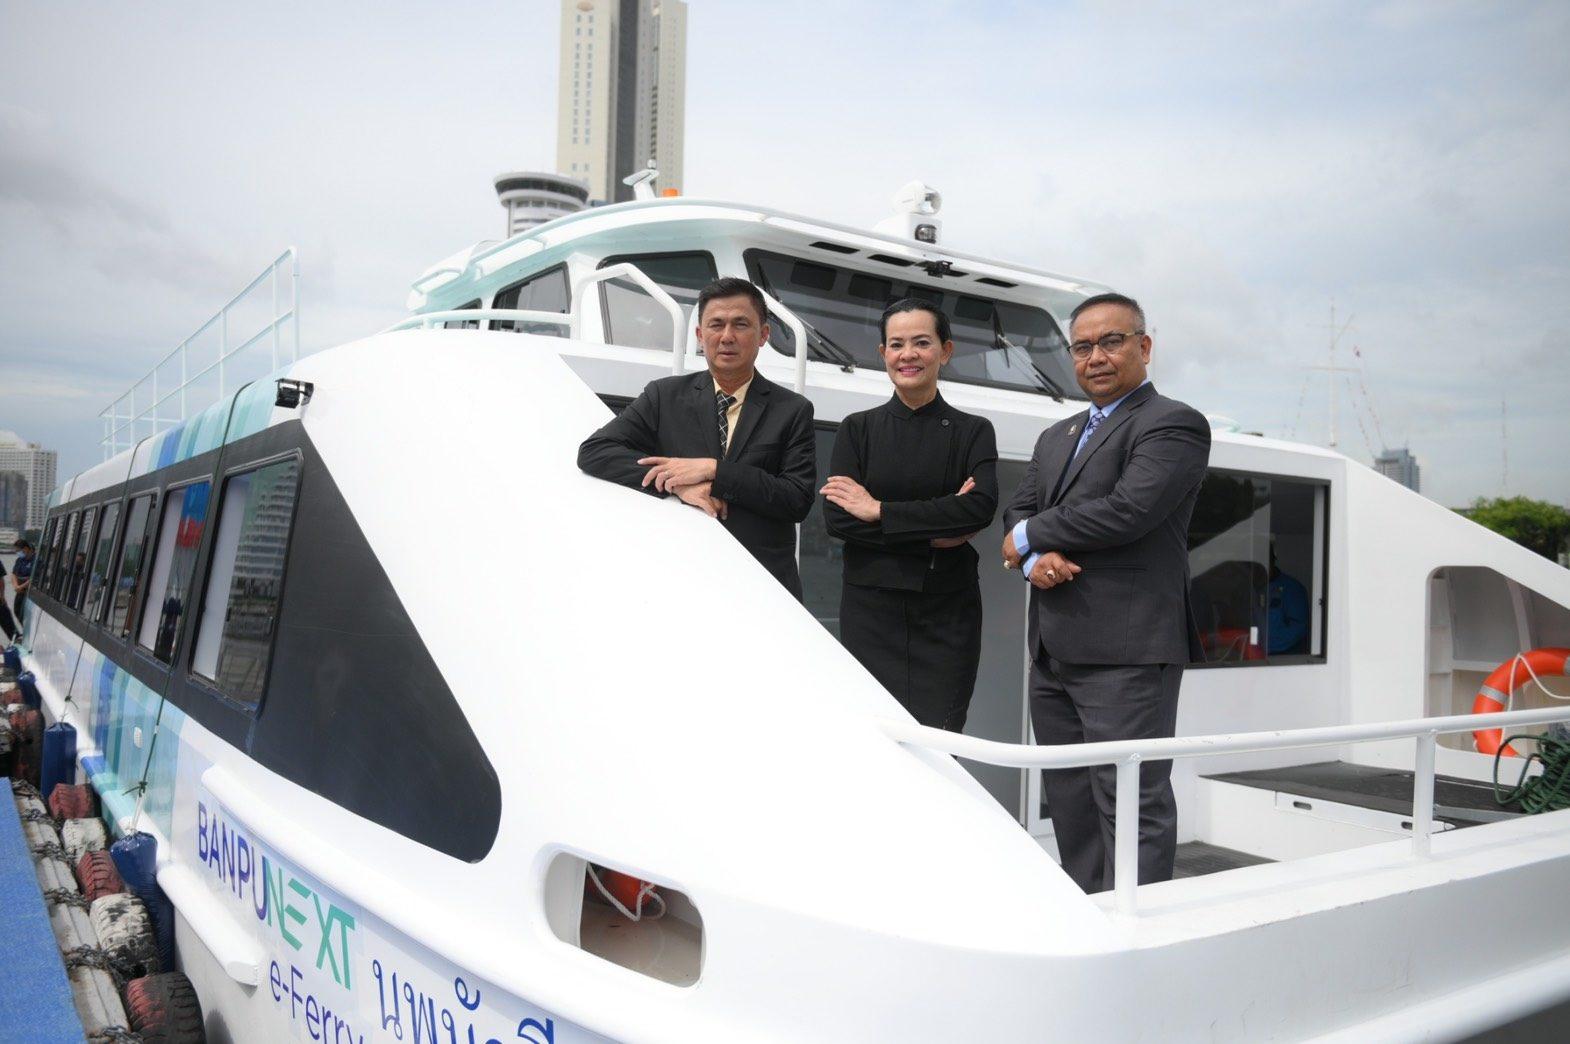 เปิดตัวเรือท่องเที่ยวไฟฟ้าทางทะเลลำแรกของไทย